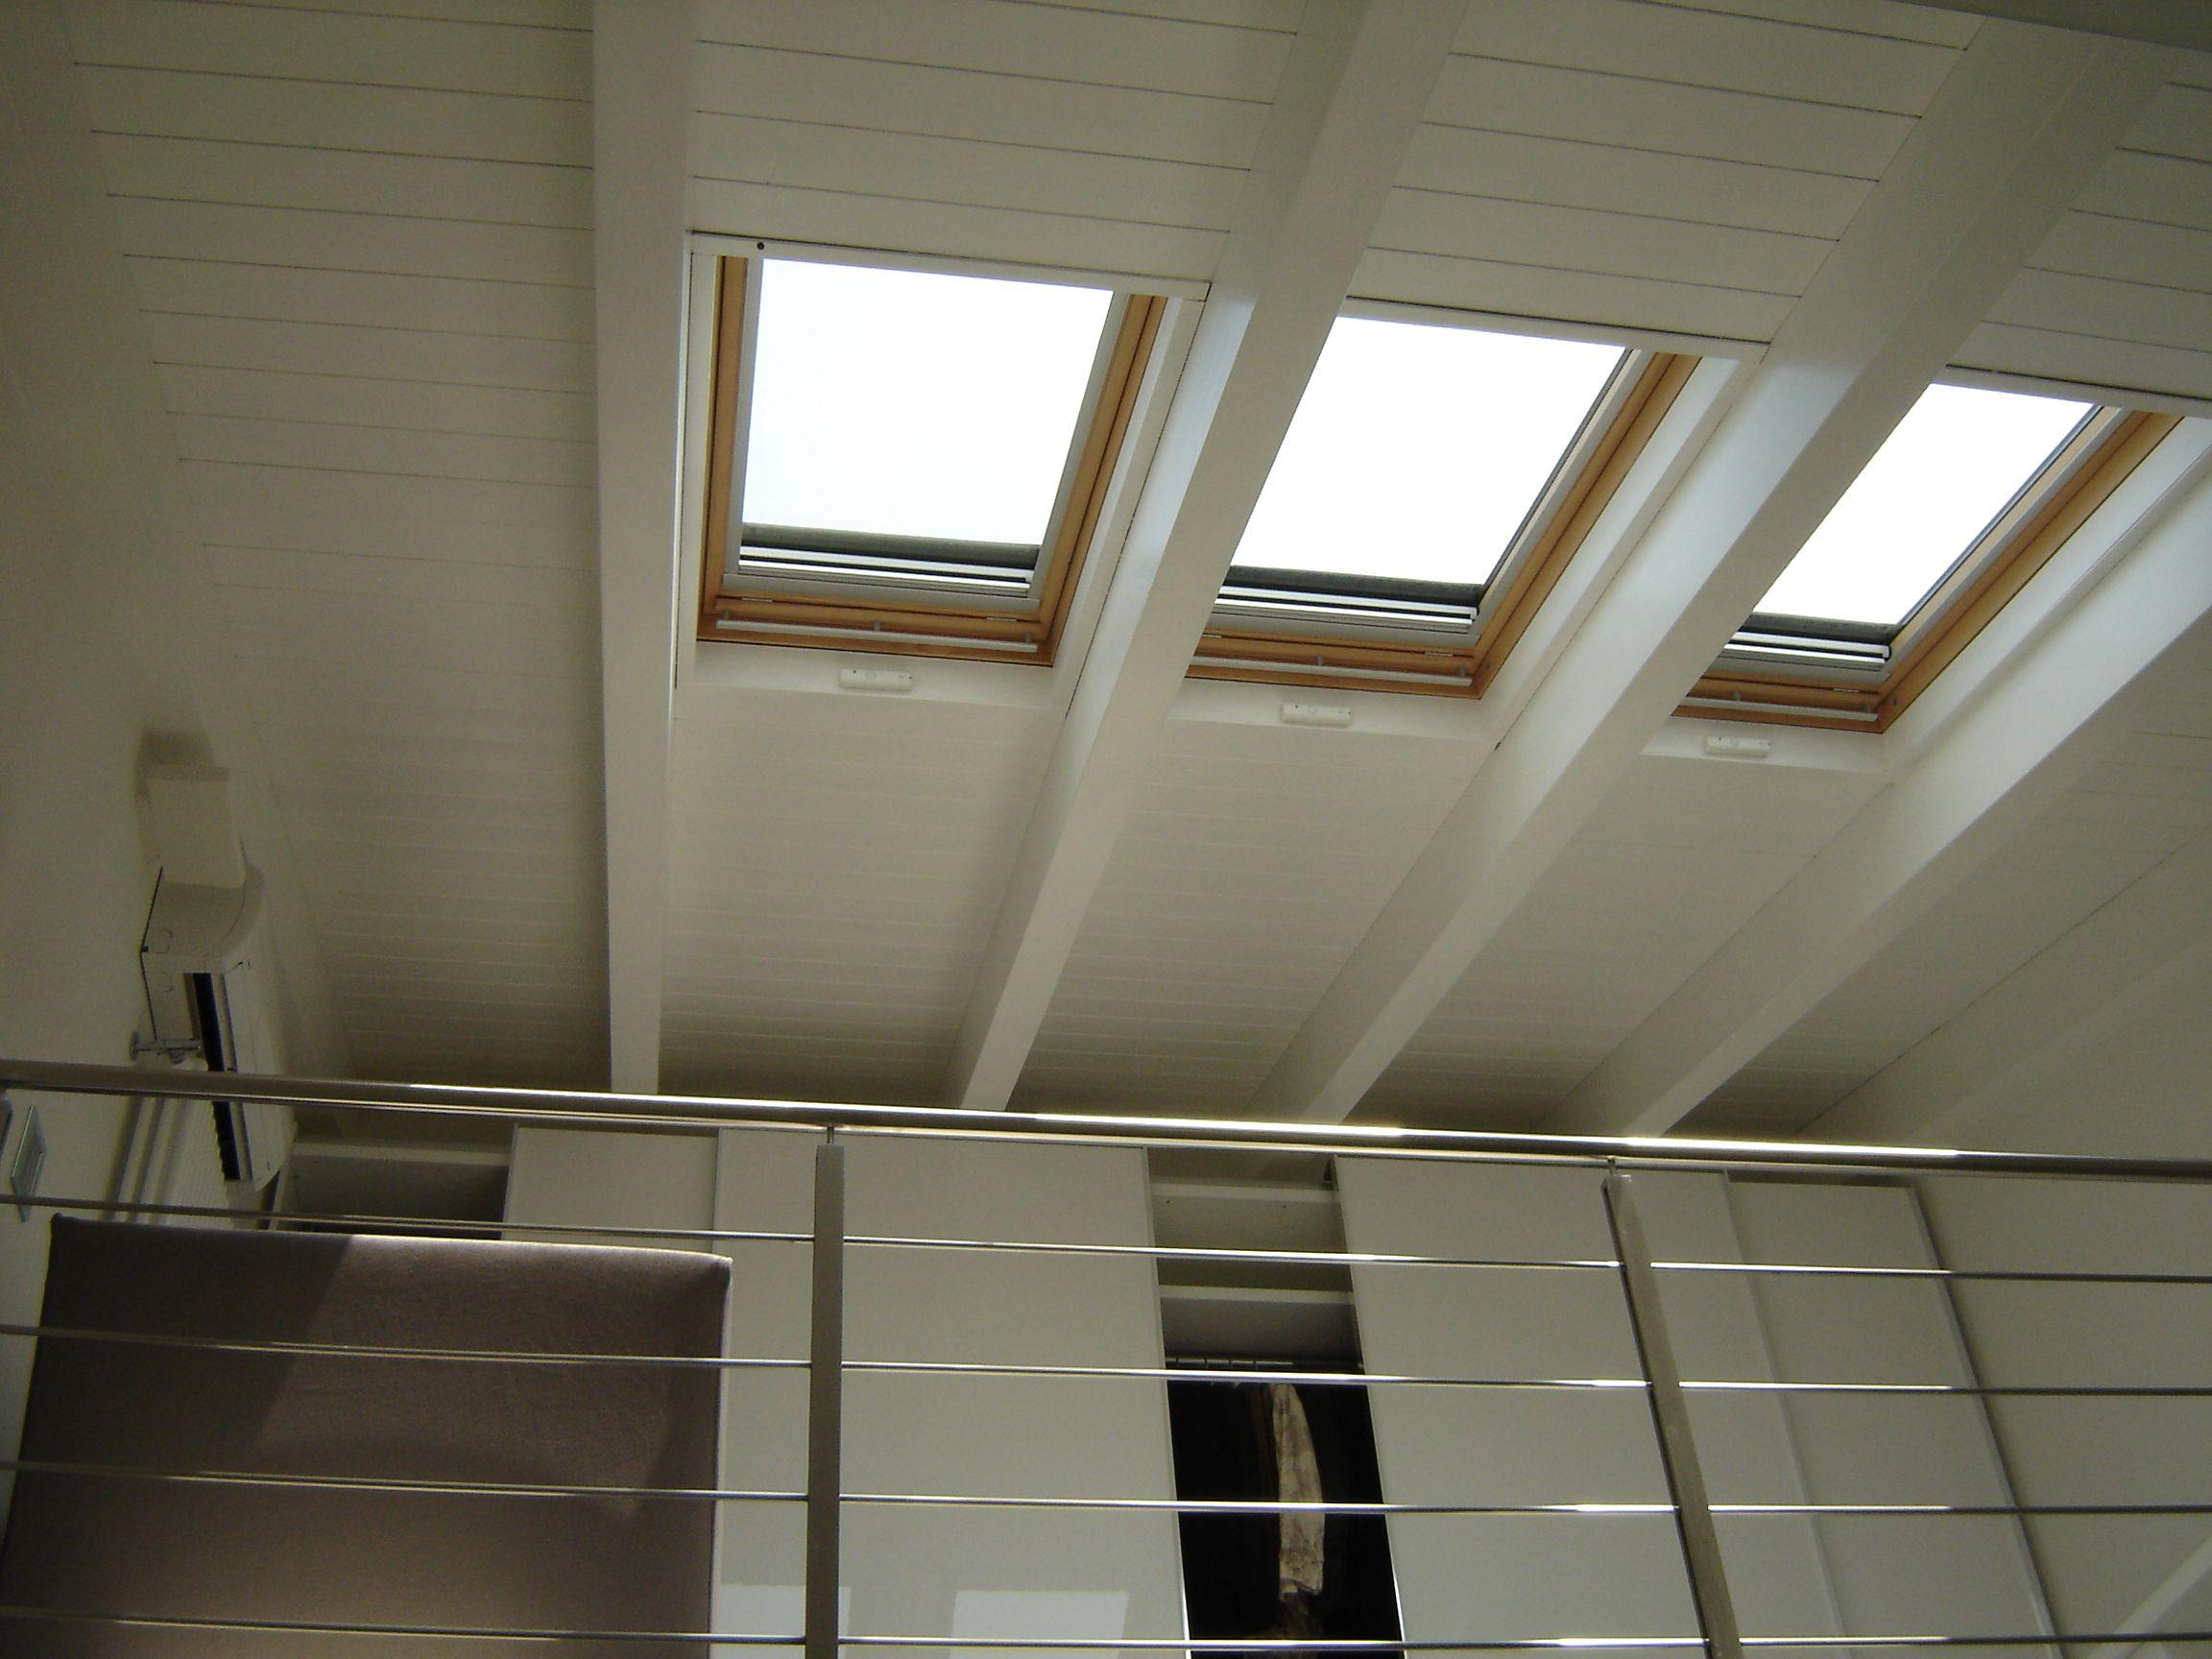 Soffitto In Legno Lamellare : Doppia altezza suite con soffitto il legno lamellare tinteggiato e